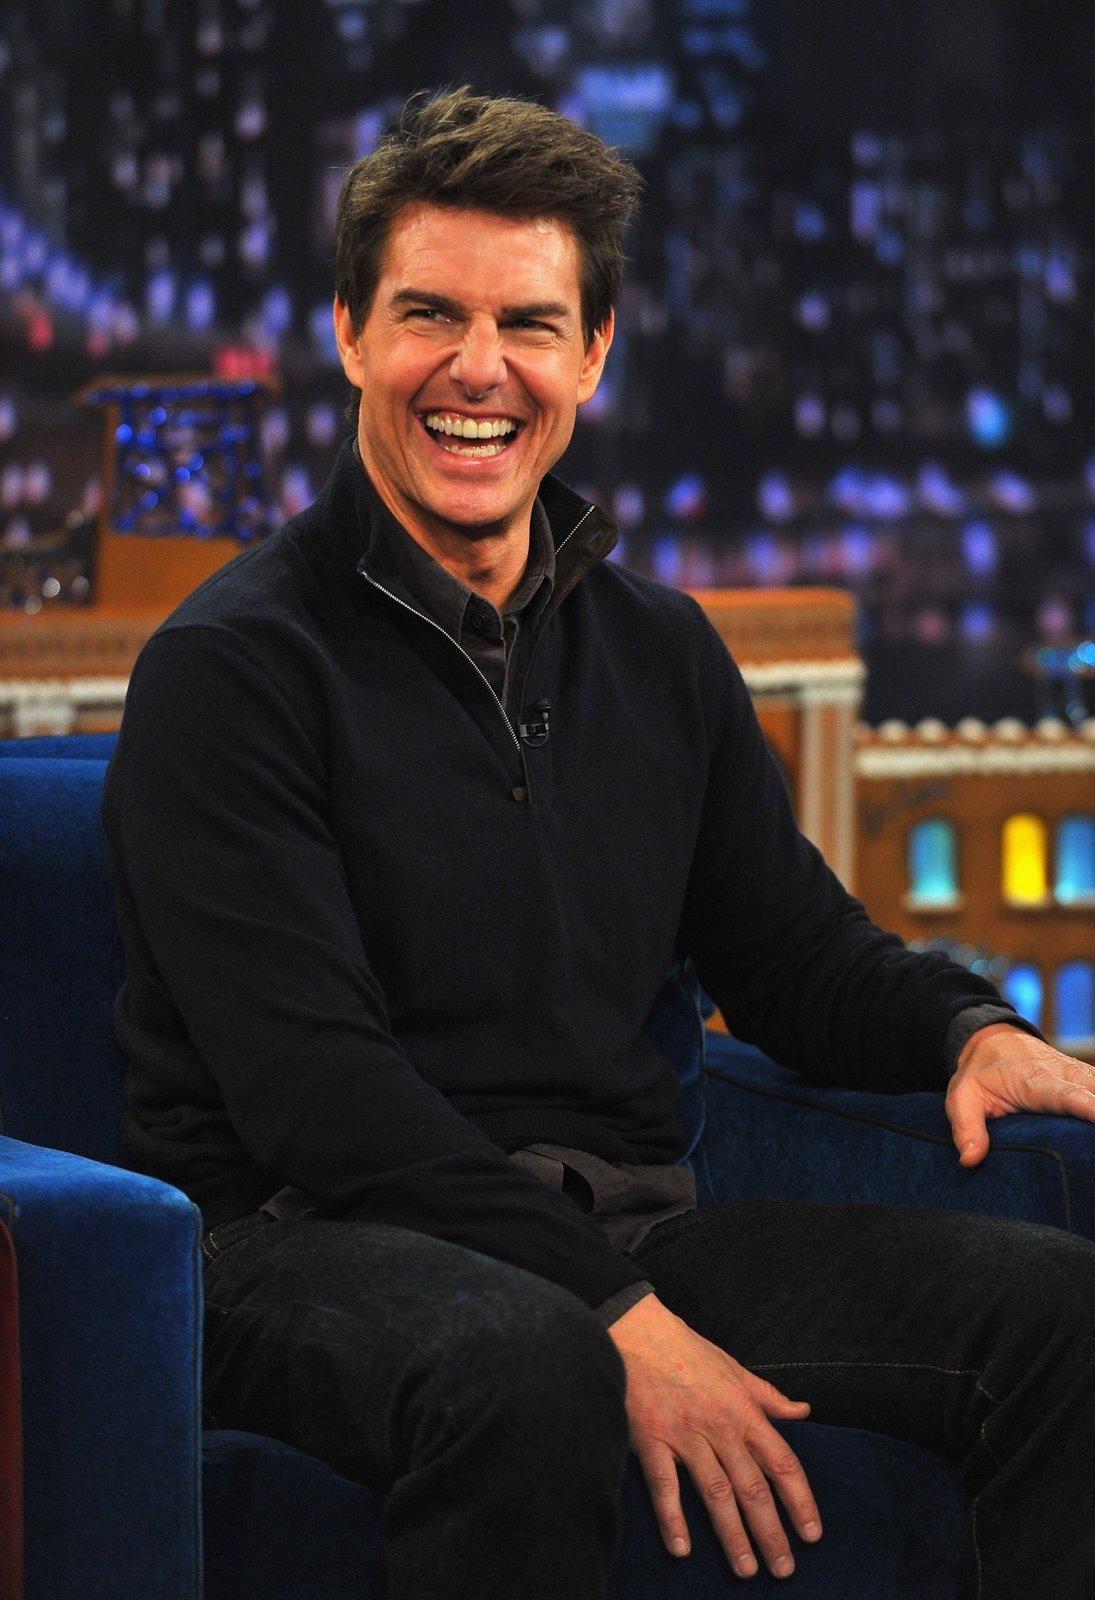 Tom Cruise je sice o tři dekády starší, ale má lepší formu.